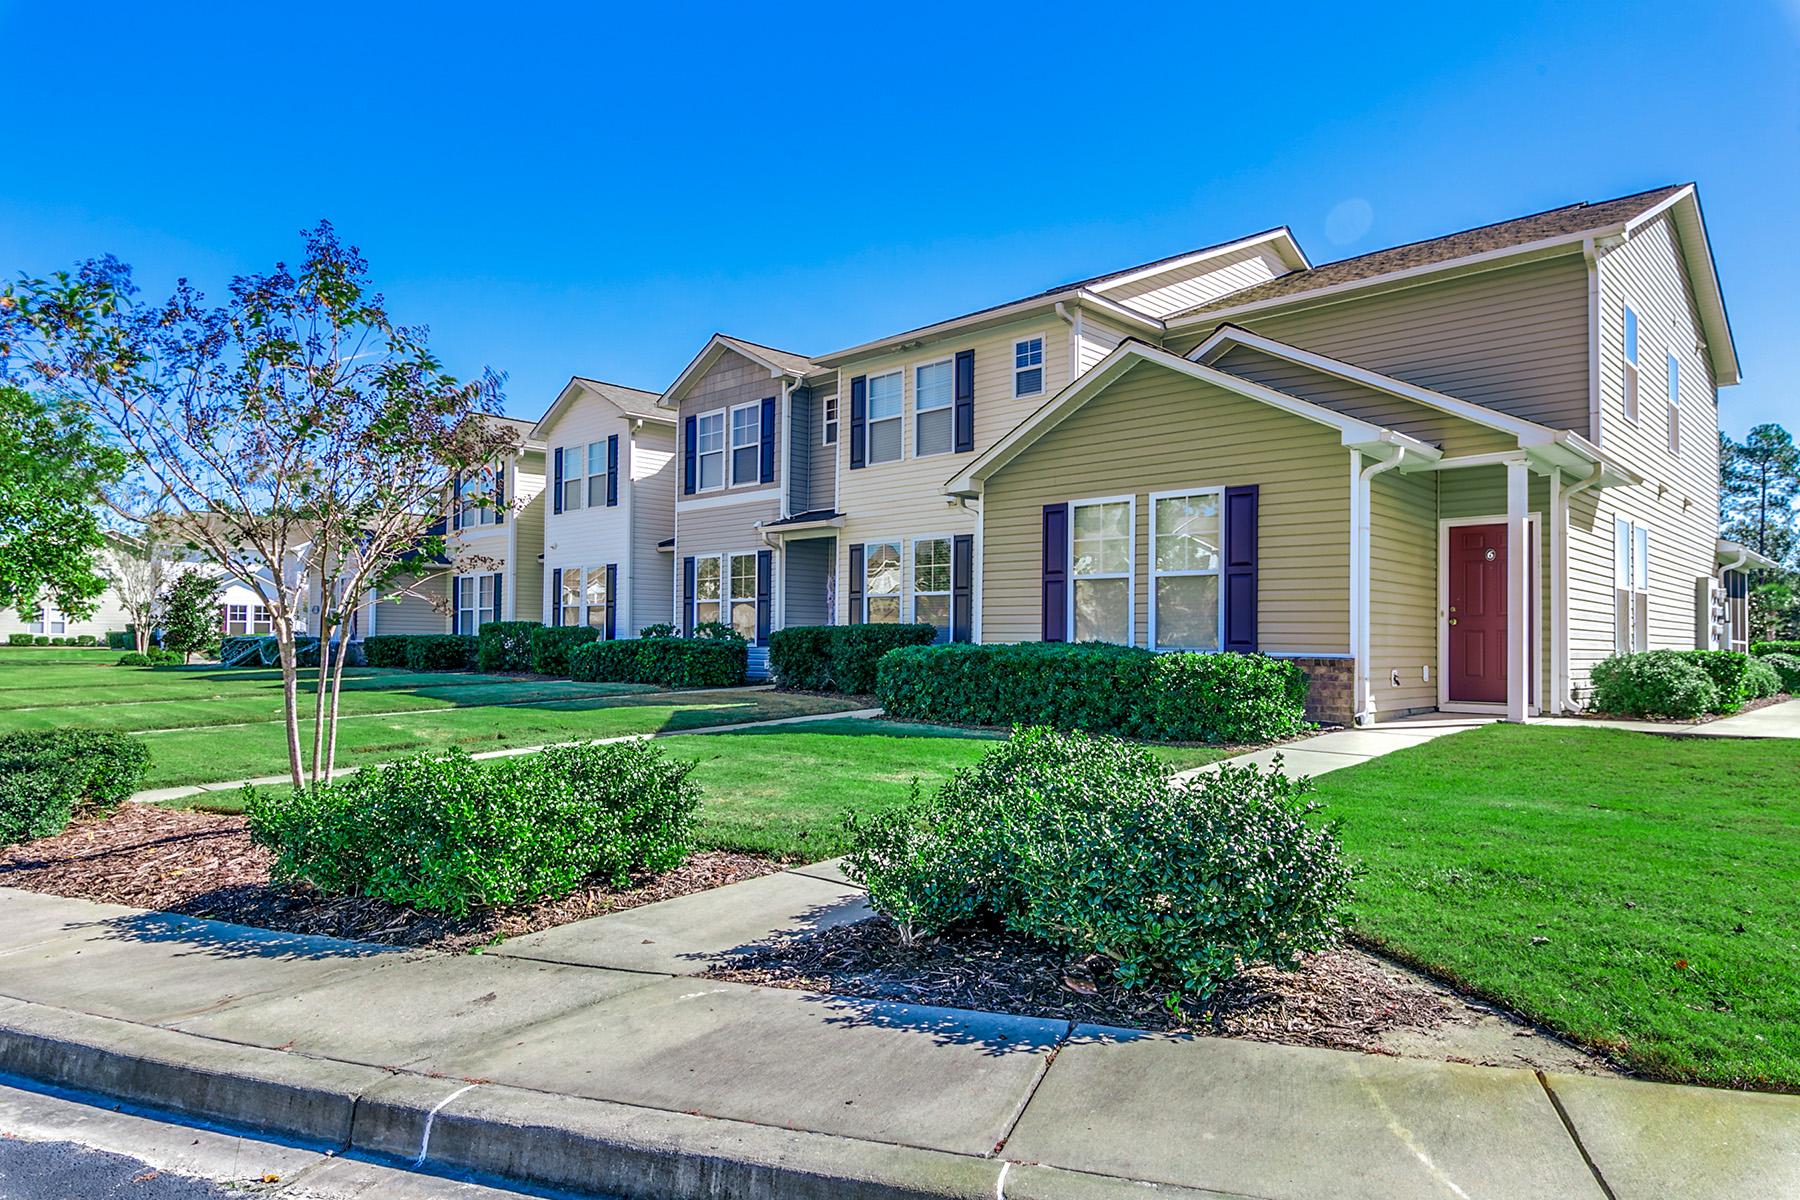 共管式独立产权公寓 为 销售 在 132 Olde Towne Way, Myrtle Beach, SC 29588 132 Olde Towne Way 5 Myrtle Beach, 南卡罗来纳州 29588 美国